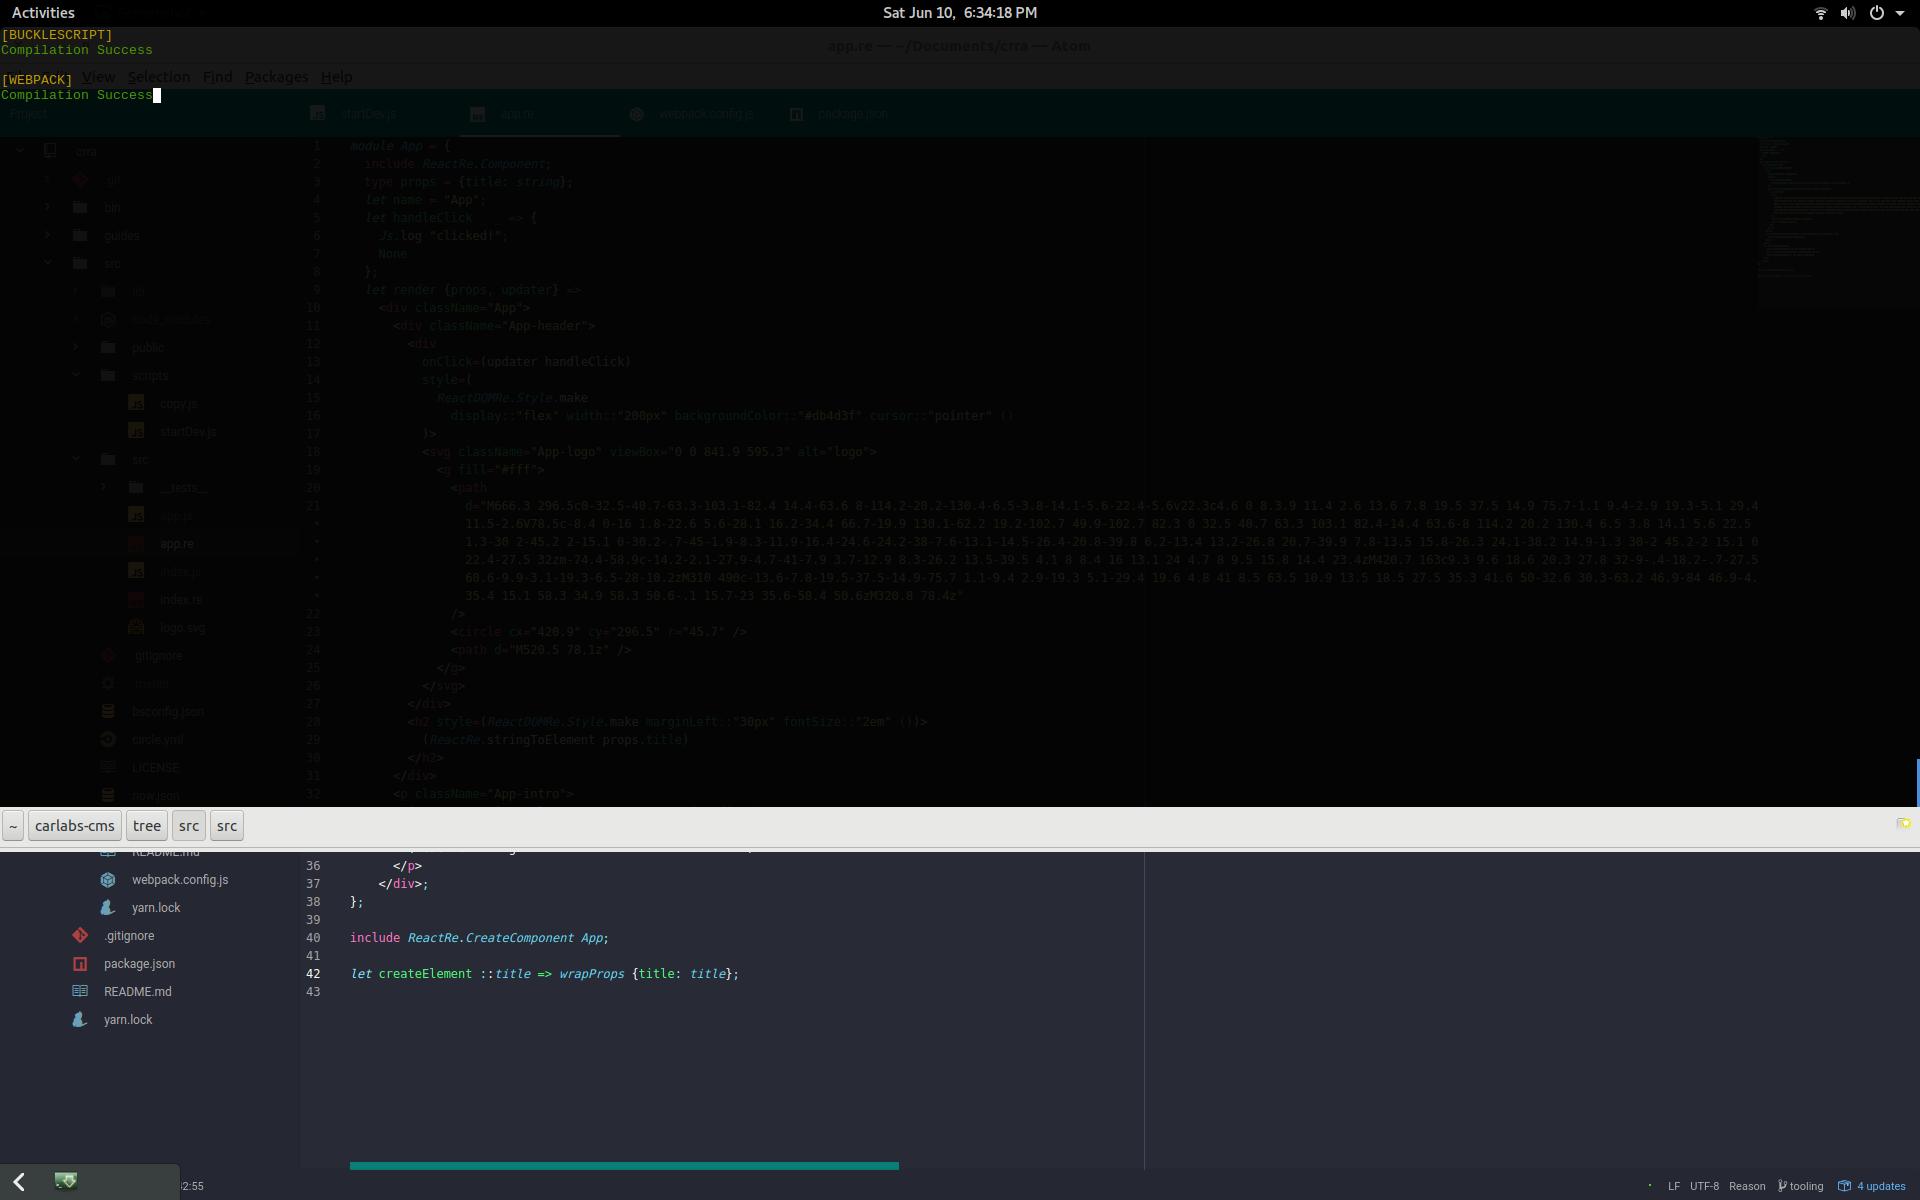 screenshot from 2017-06-10 18-34-18